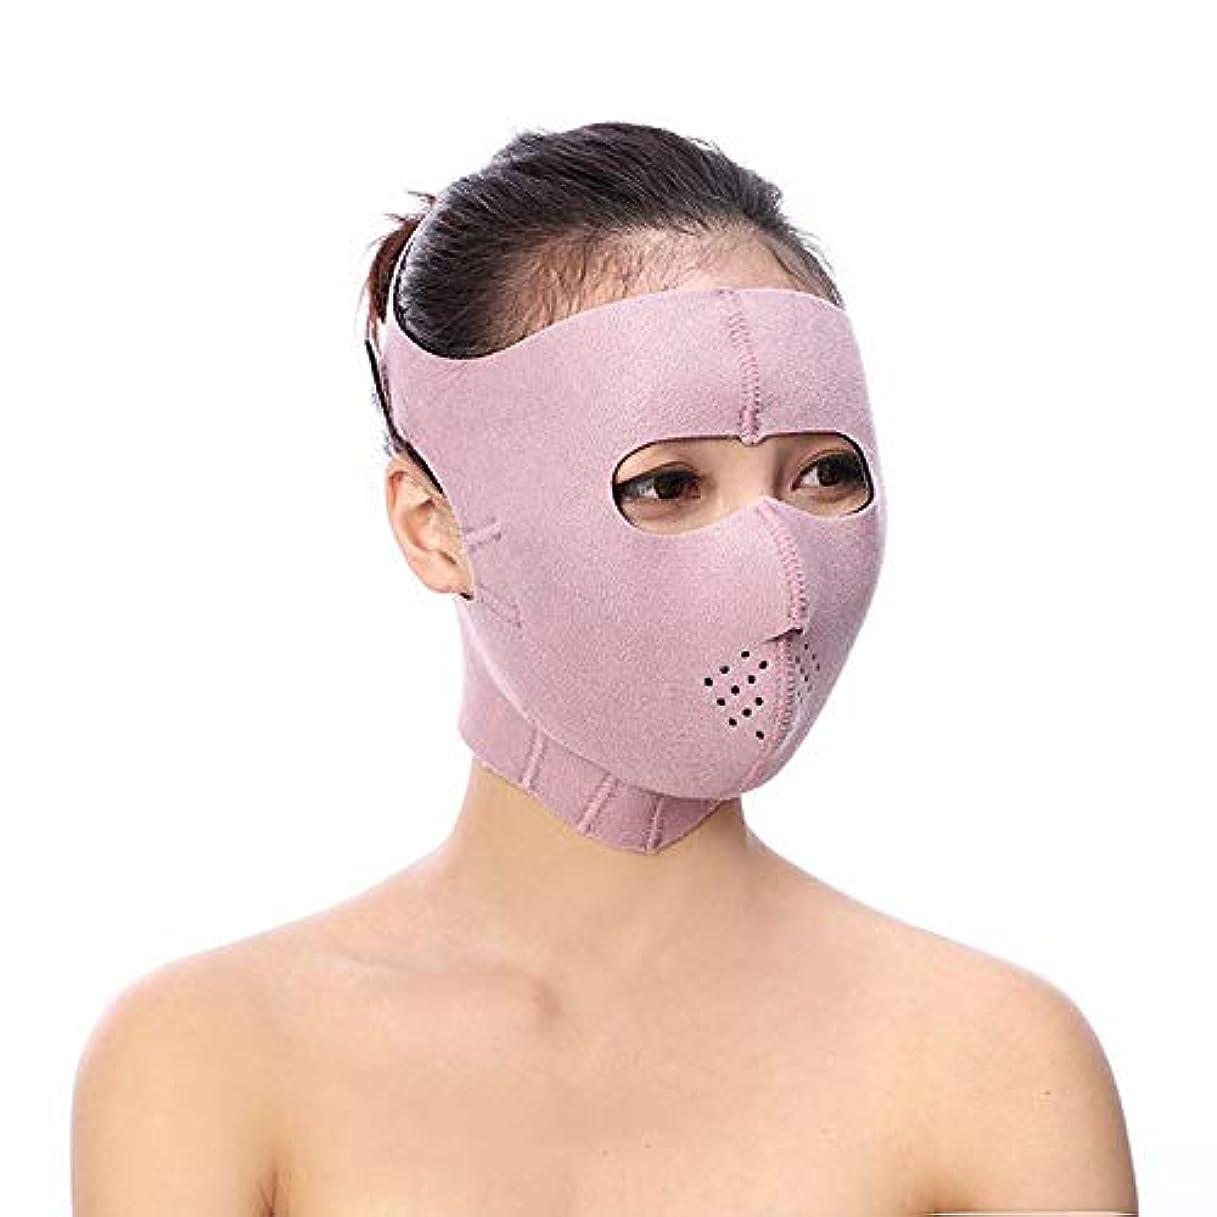 計器赤面XINGZHE フェイシャルリフティング痩身ベルト - Vフェイス包帯マスクフェイシャルマッサージャー無料の薄いフェイス包帯整形マスクを引き締める顔と首の顔スリム フェイスリフティングベルト